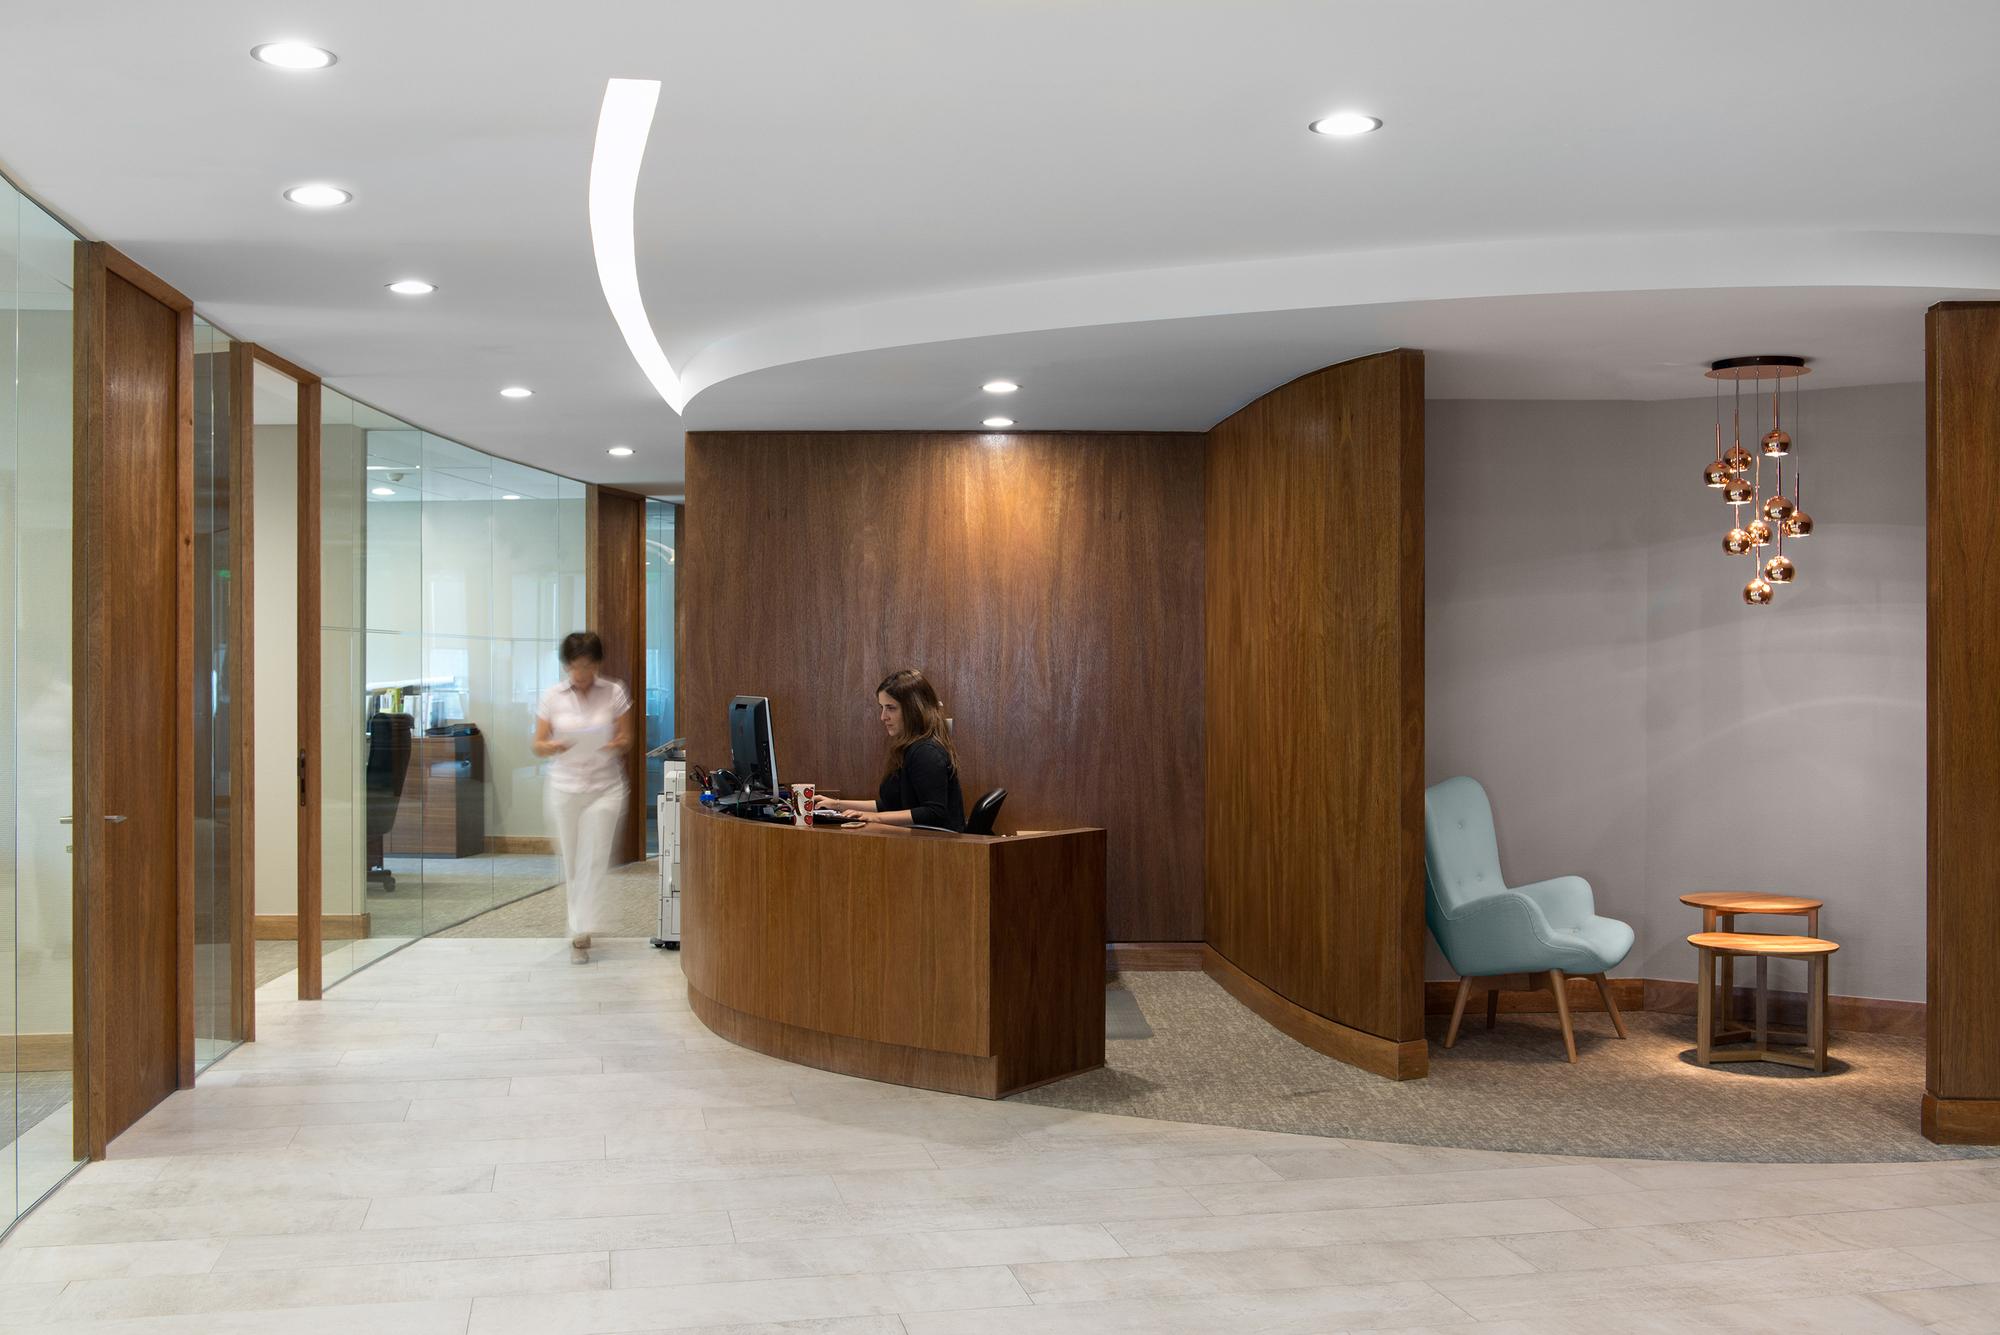 Interiorismo oficinas piso 17 parque titanium marsino for Interiorismo oficinas